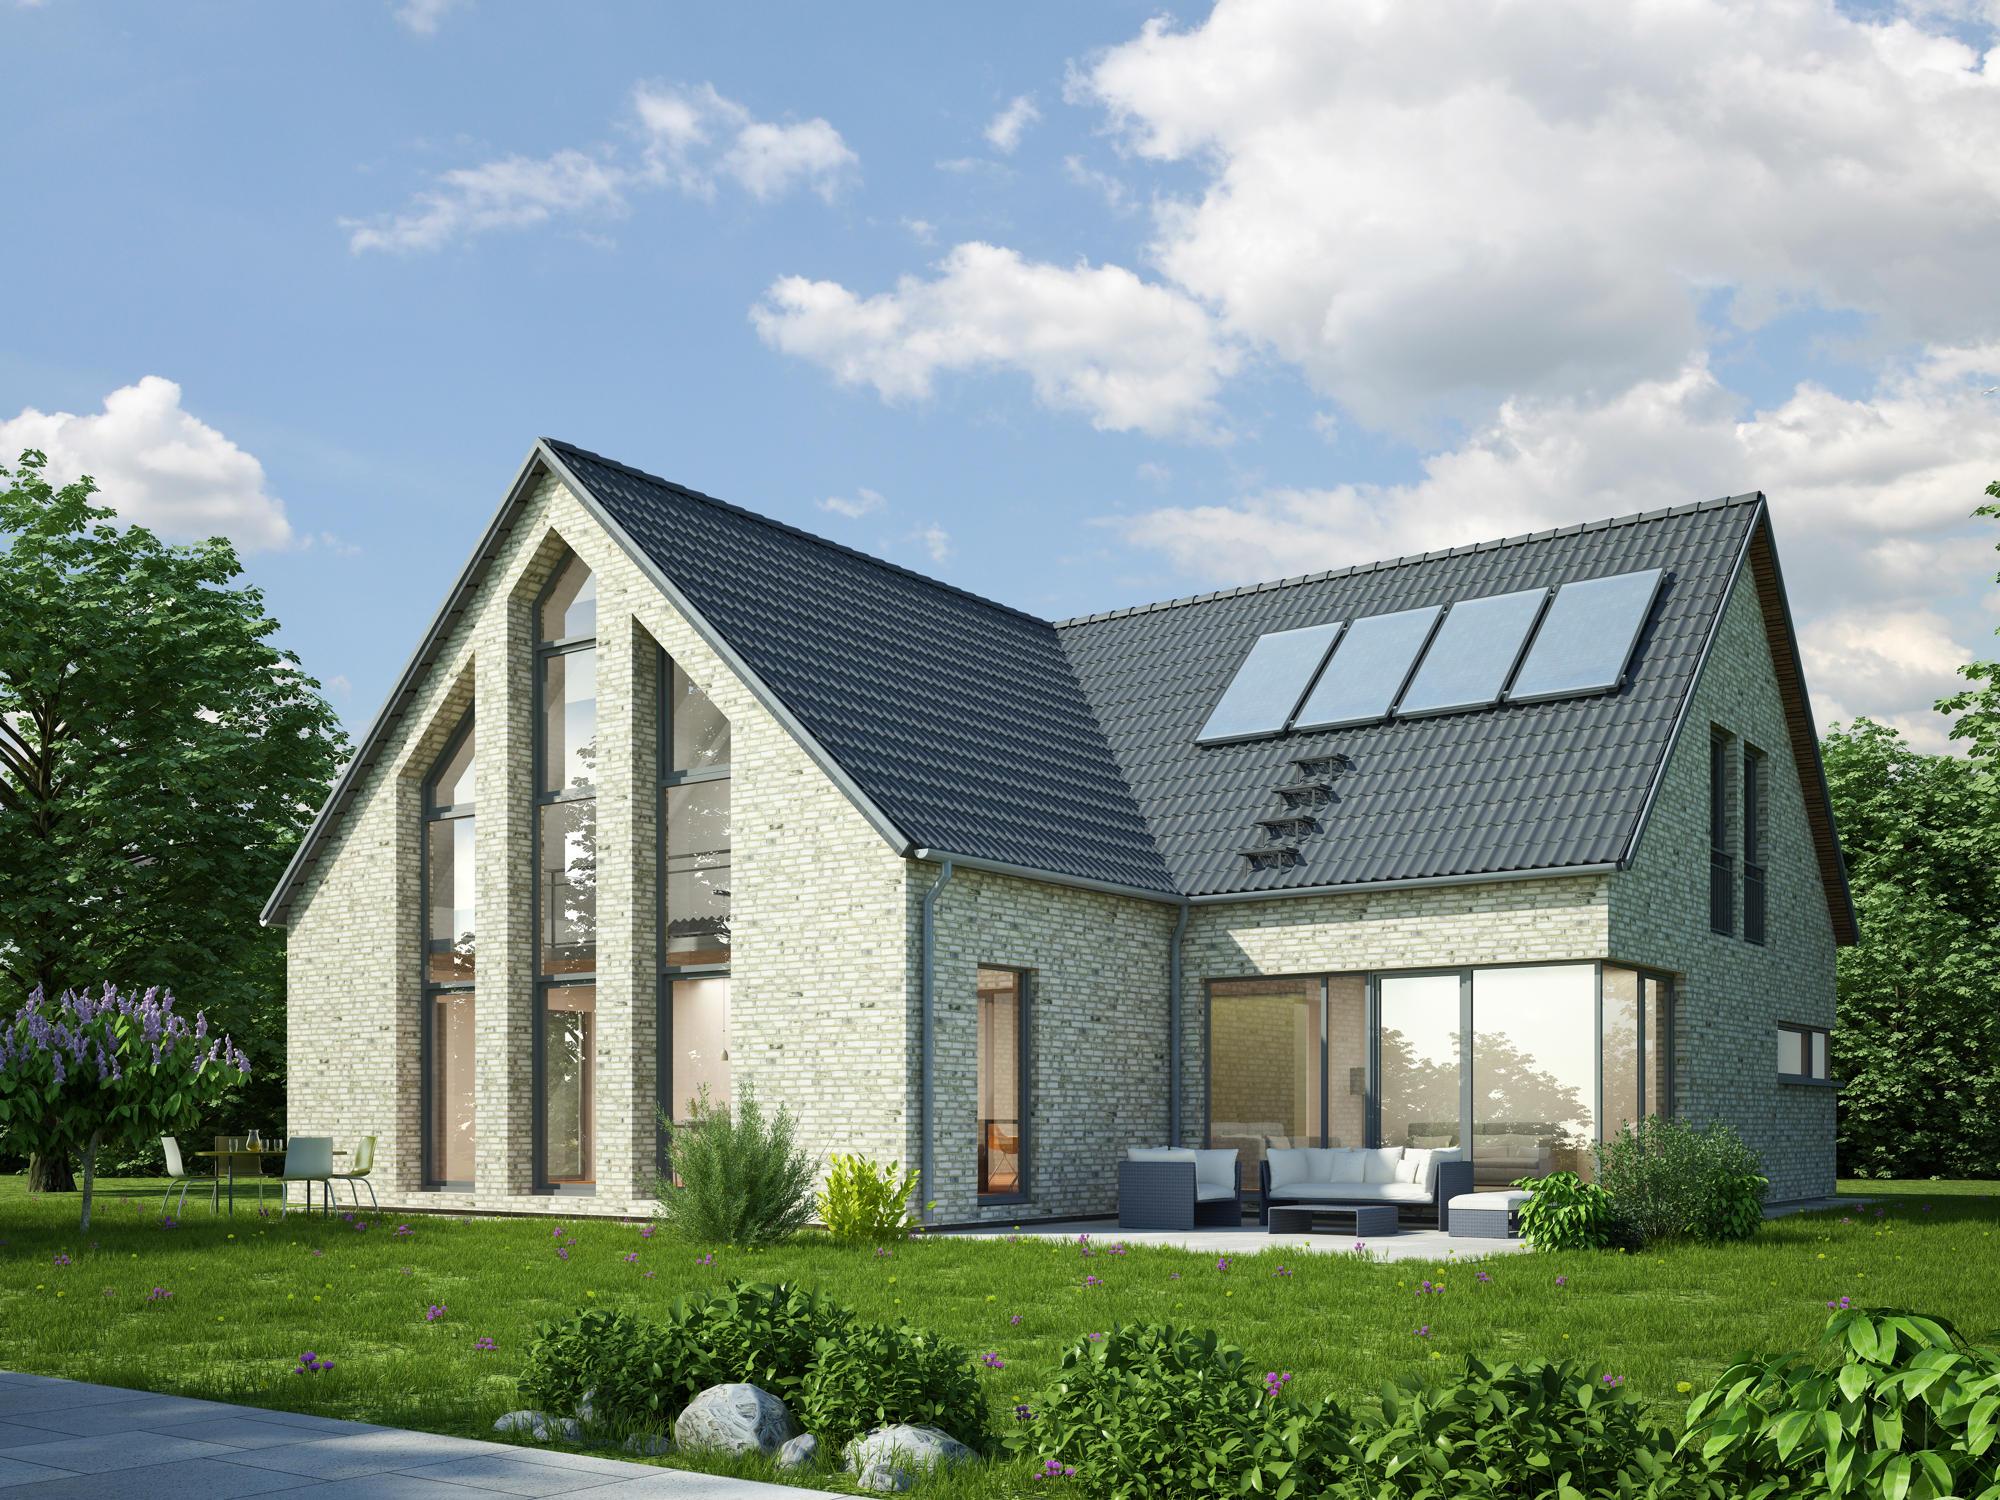 Landhaus 255 - Landhaus mit über 250 qm